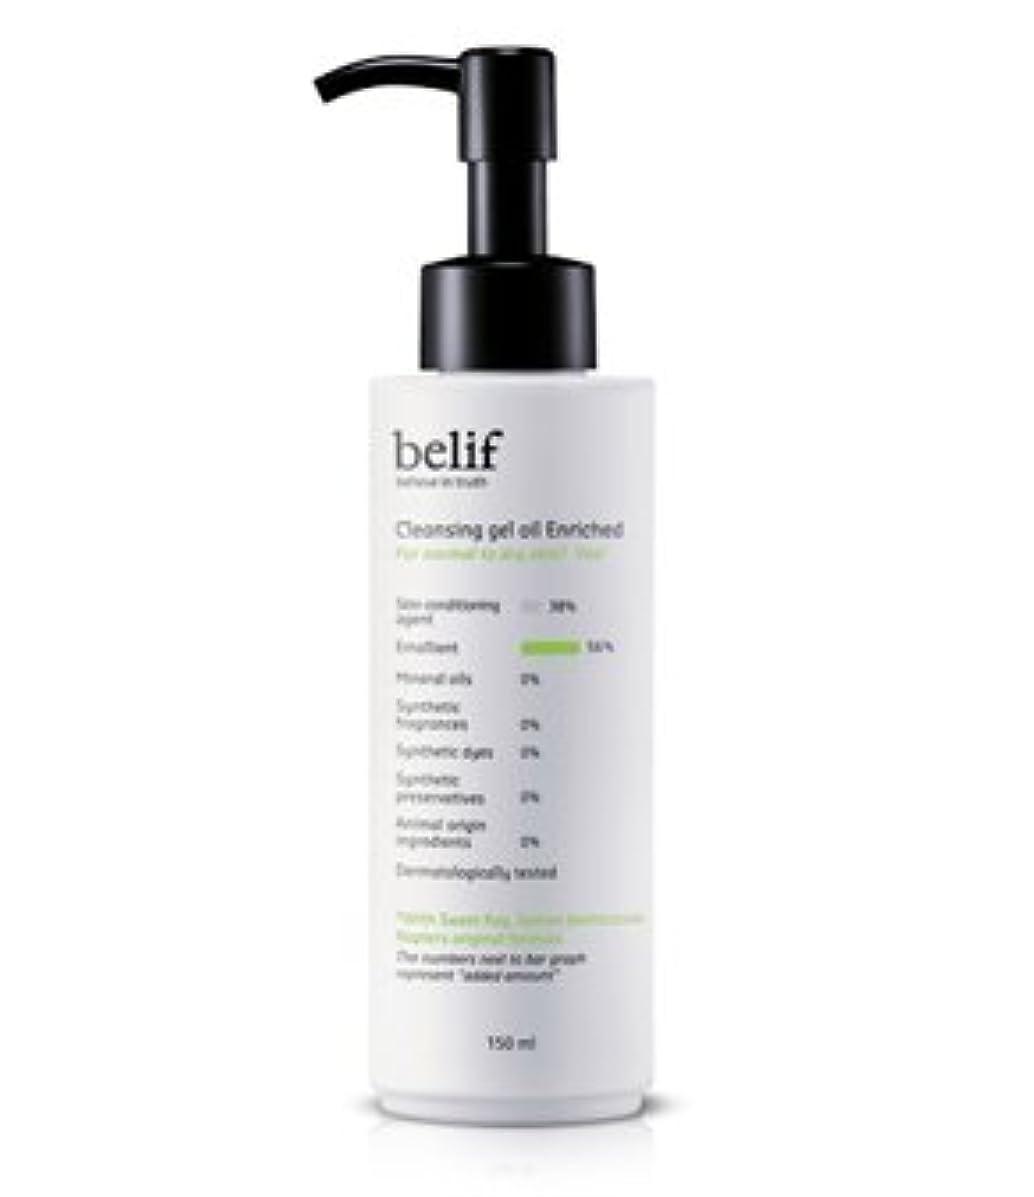 セッションレーザヘアbelf(ビリフ)クレンジング ジェル オイル エンリチッド(Cleansing gel oil Enriched)150ml